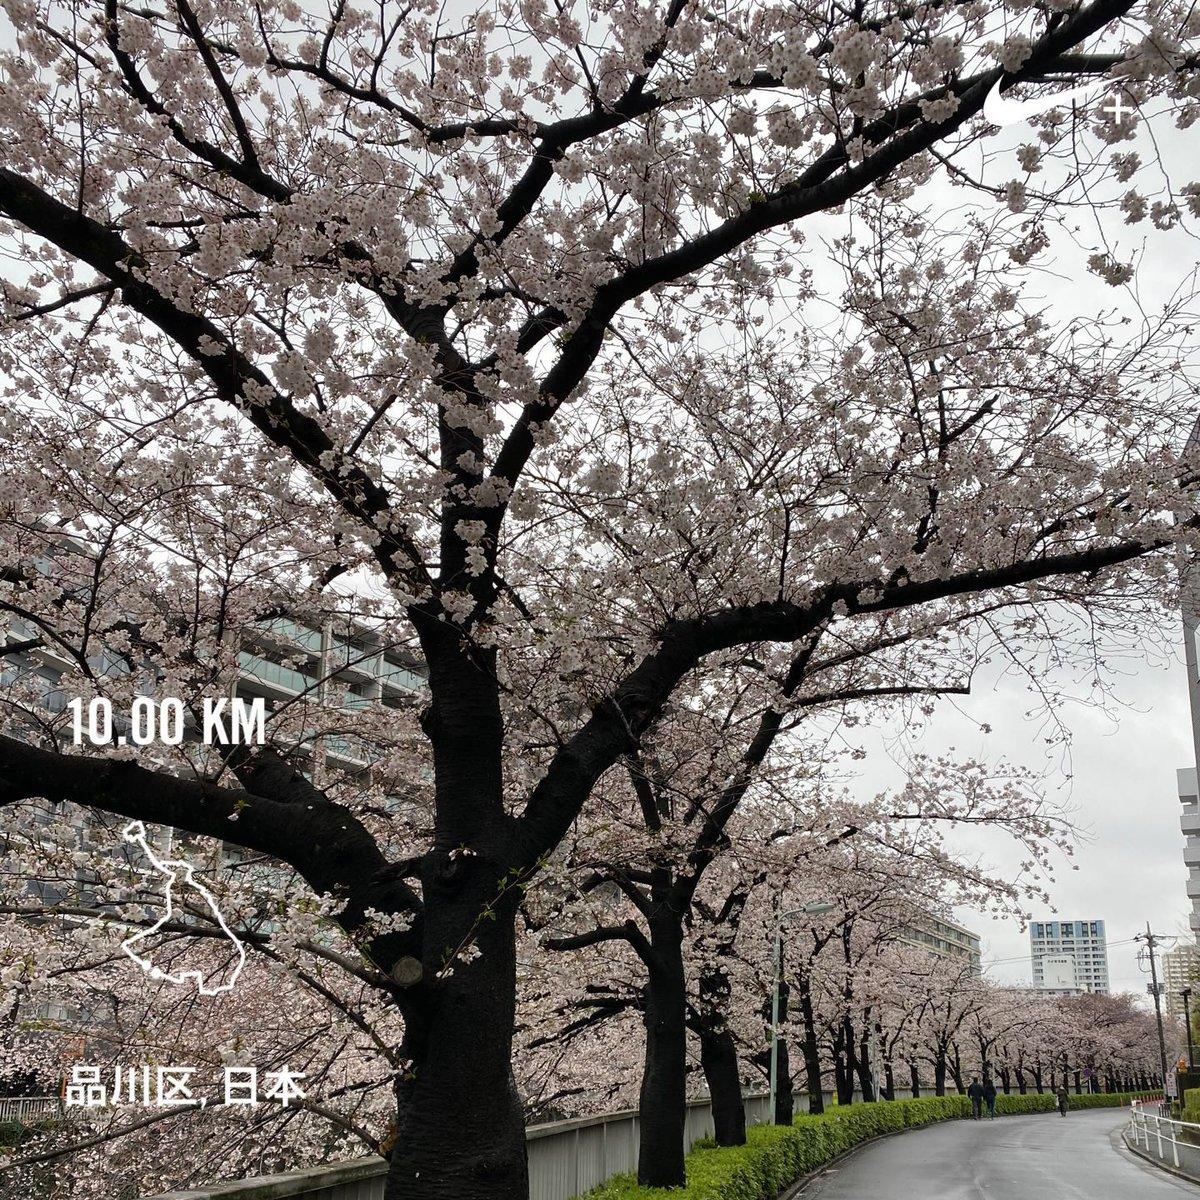 #10km #running #NRC #shinagawatogoshi #osaki #gotanda #meguroriver